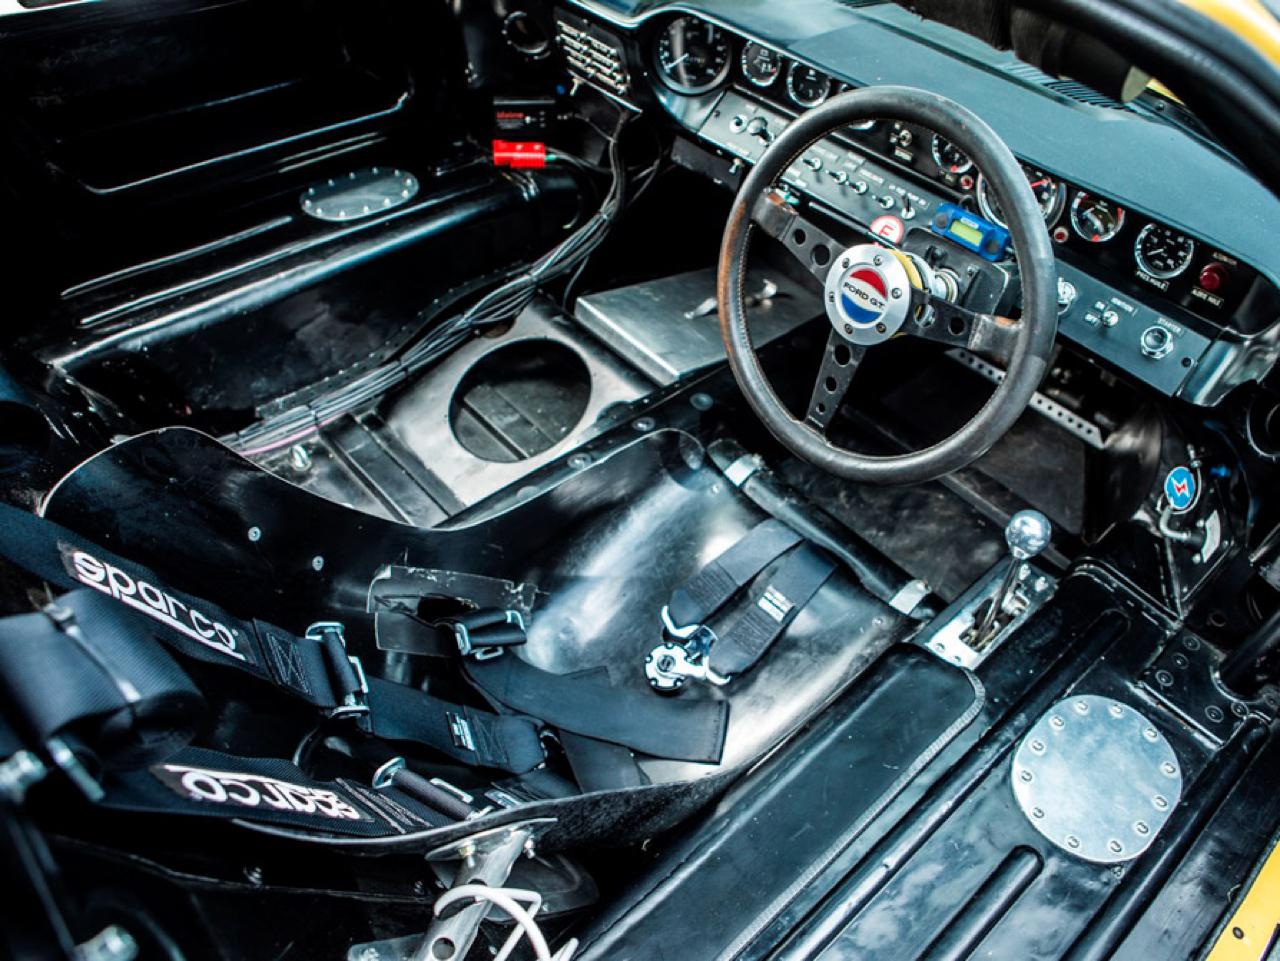 '68 Ford GT40 - Racing queen... 44